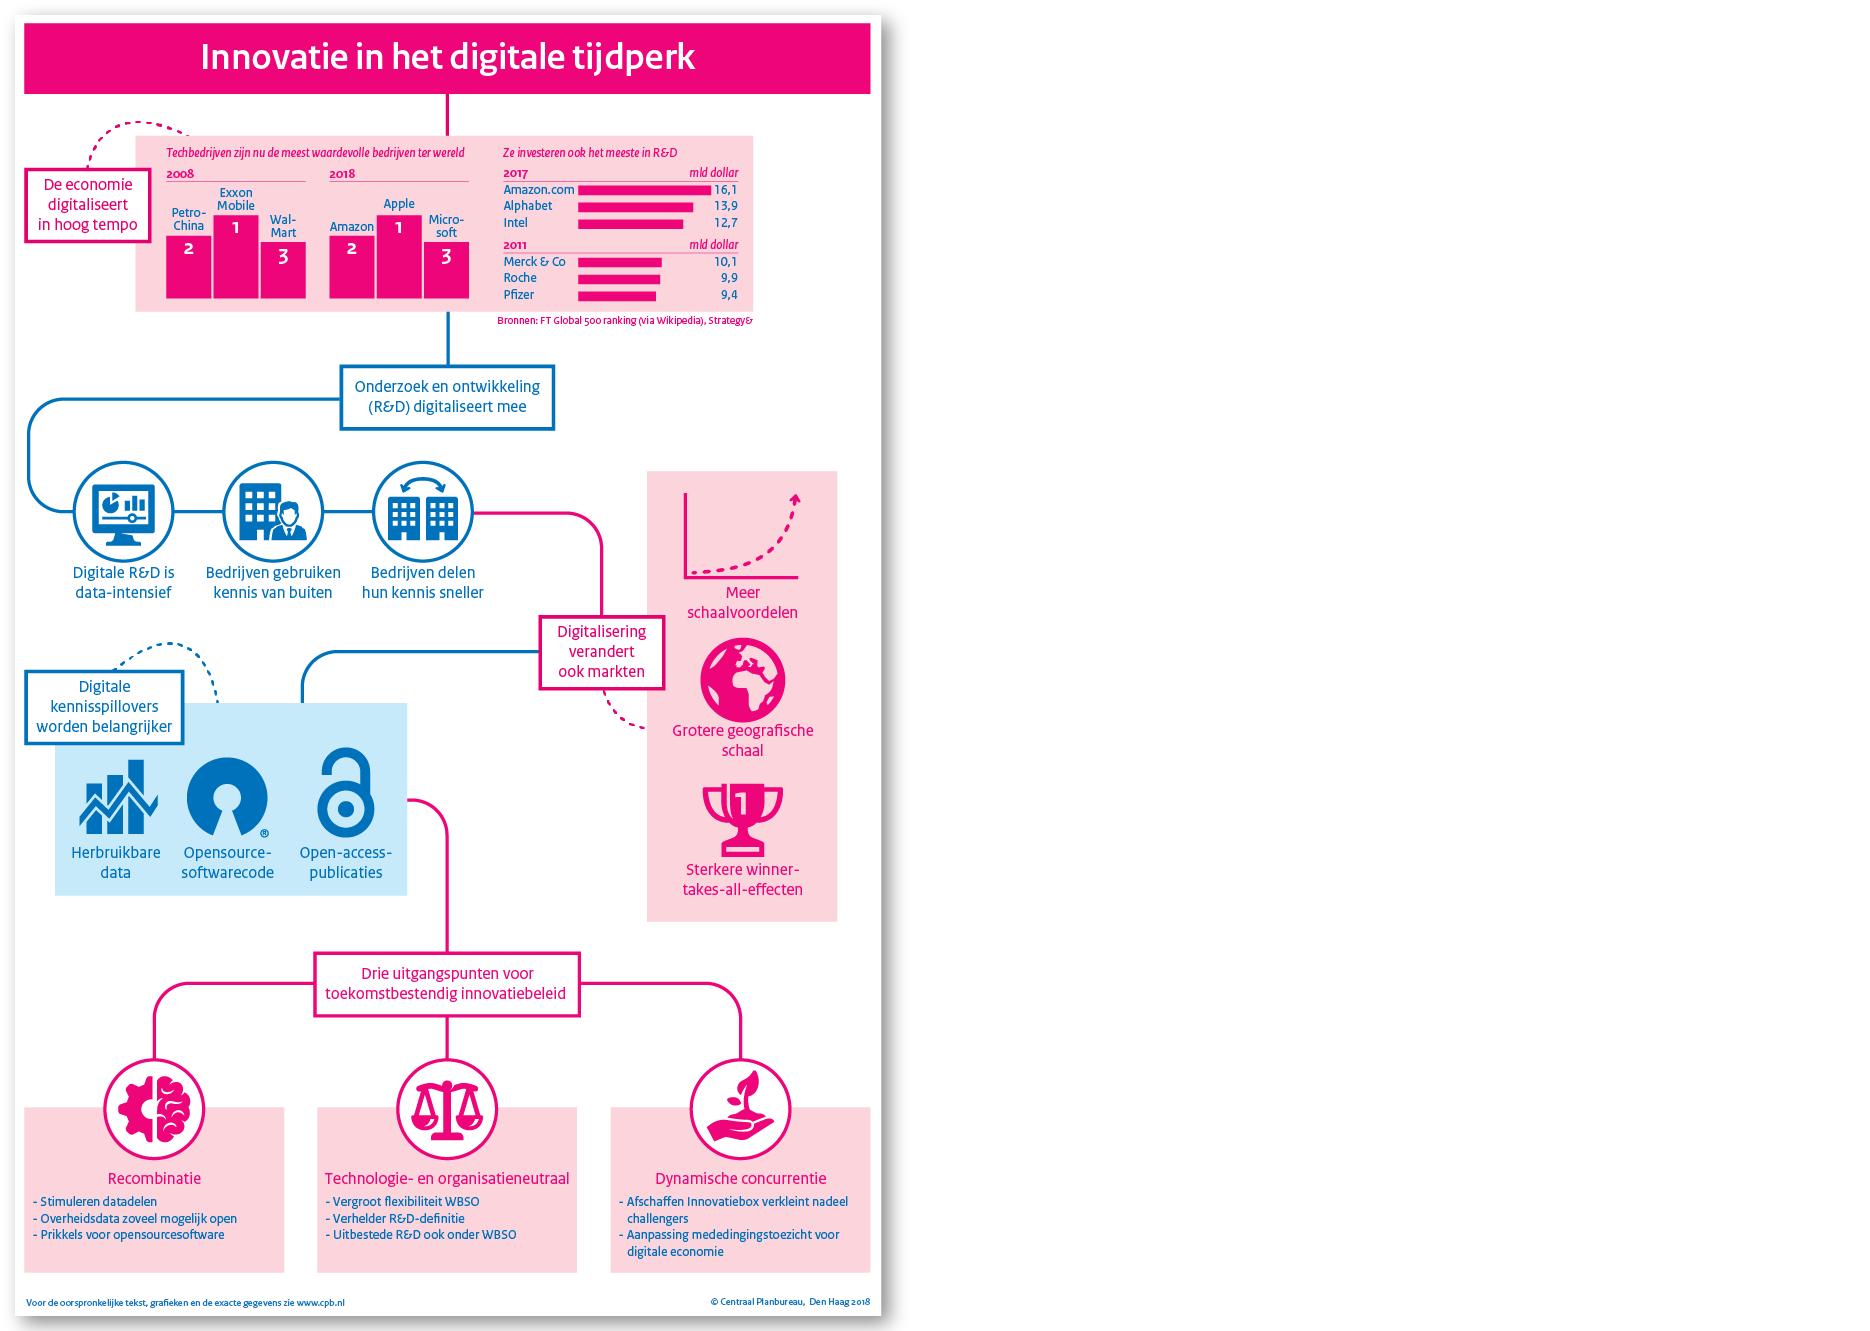 Innovatie in het digitale tijdperk (CPB)